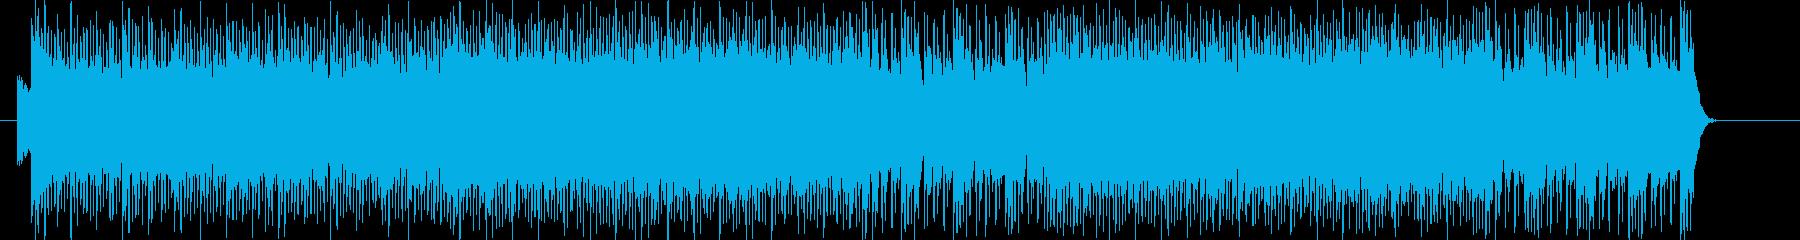 情熱的で躍動感溢れるワイルドロックの再生済みの波形